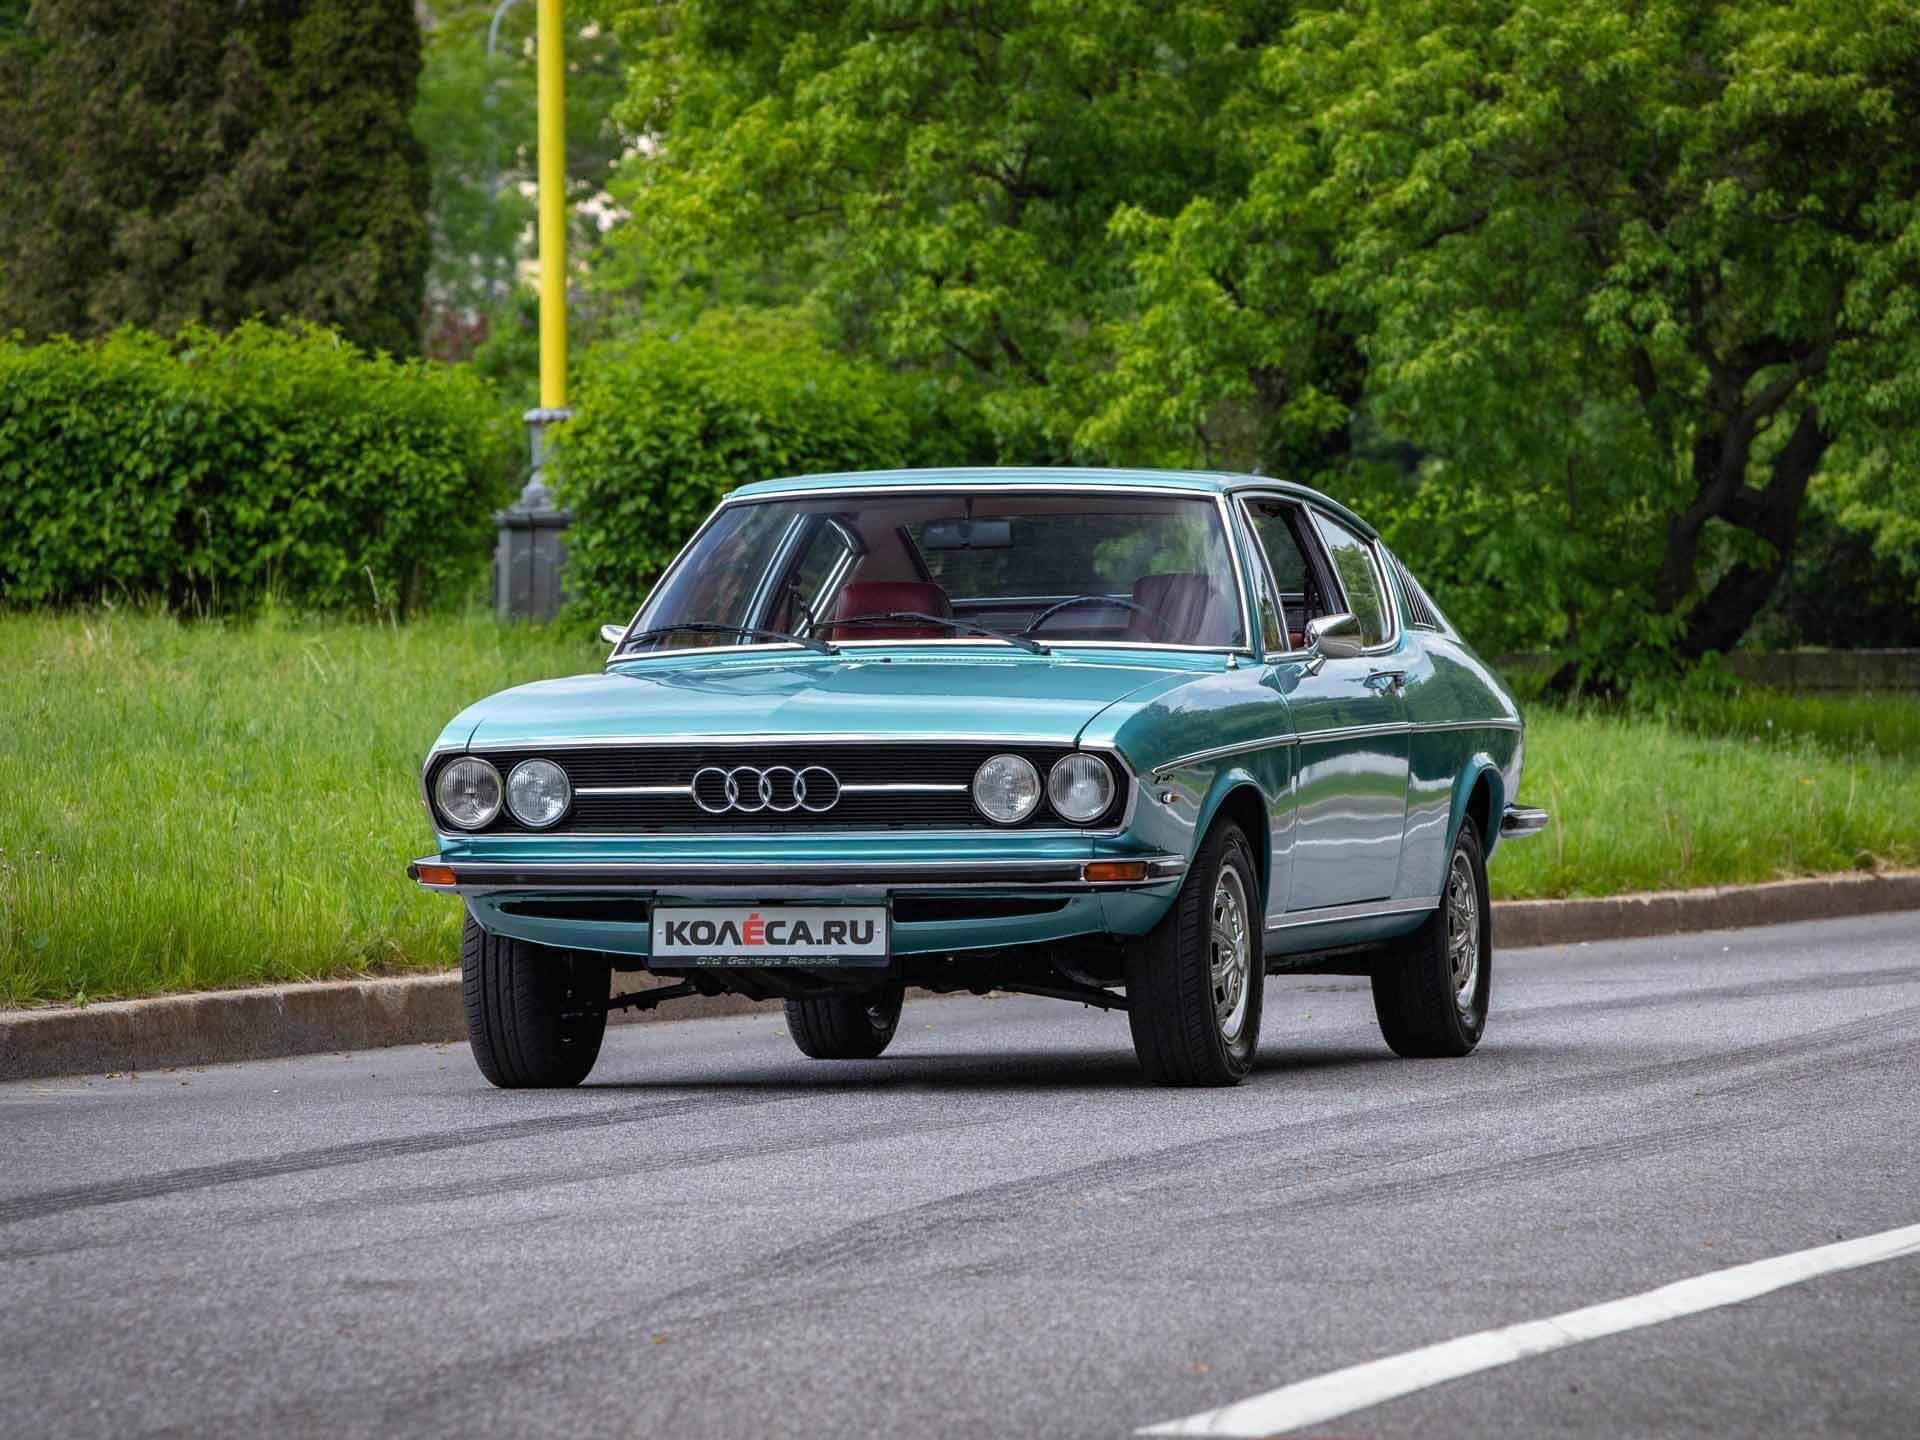 1974 Audi-100 Coupe S тест-драйв